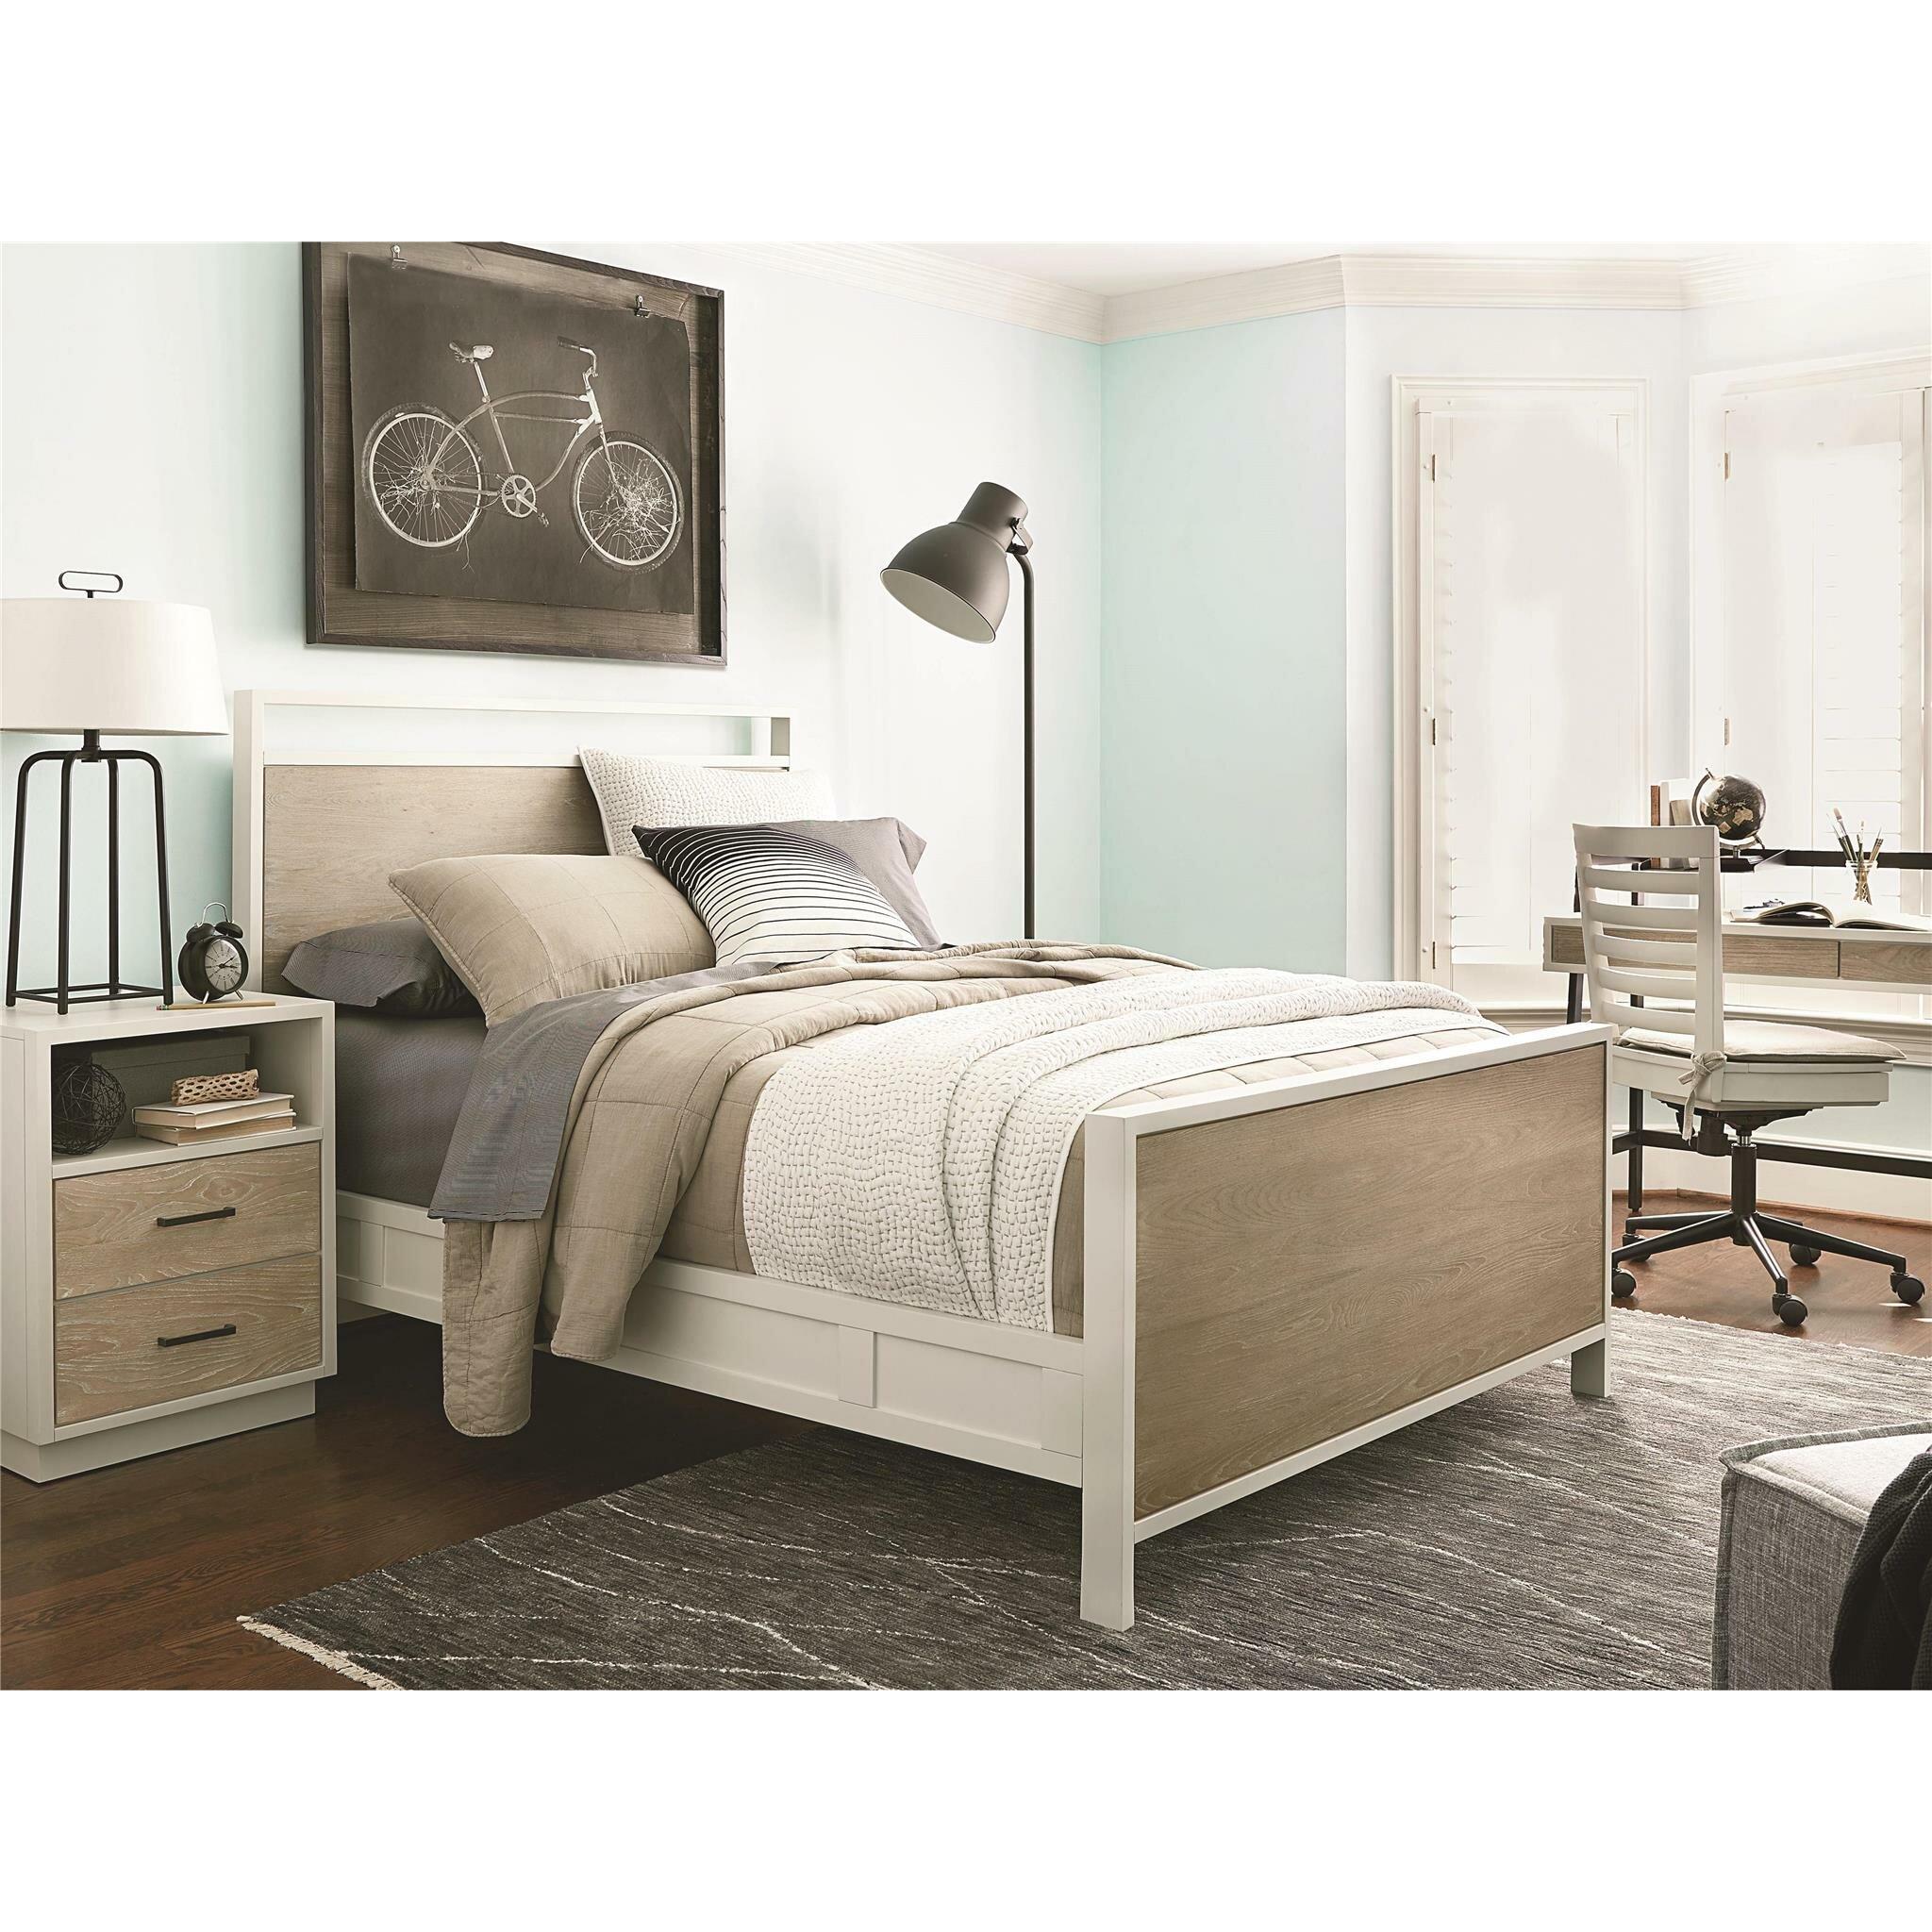 SmartStuff Furniture MyRoom Panel Customizable Bedroom Set